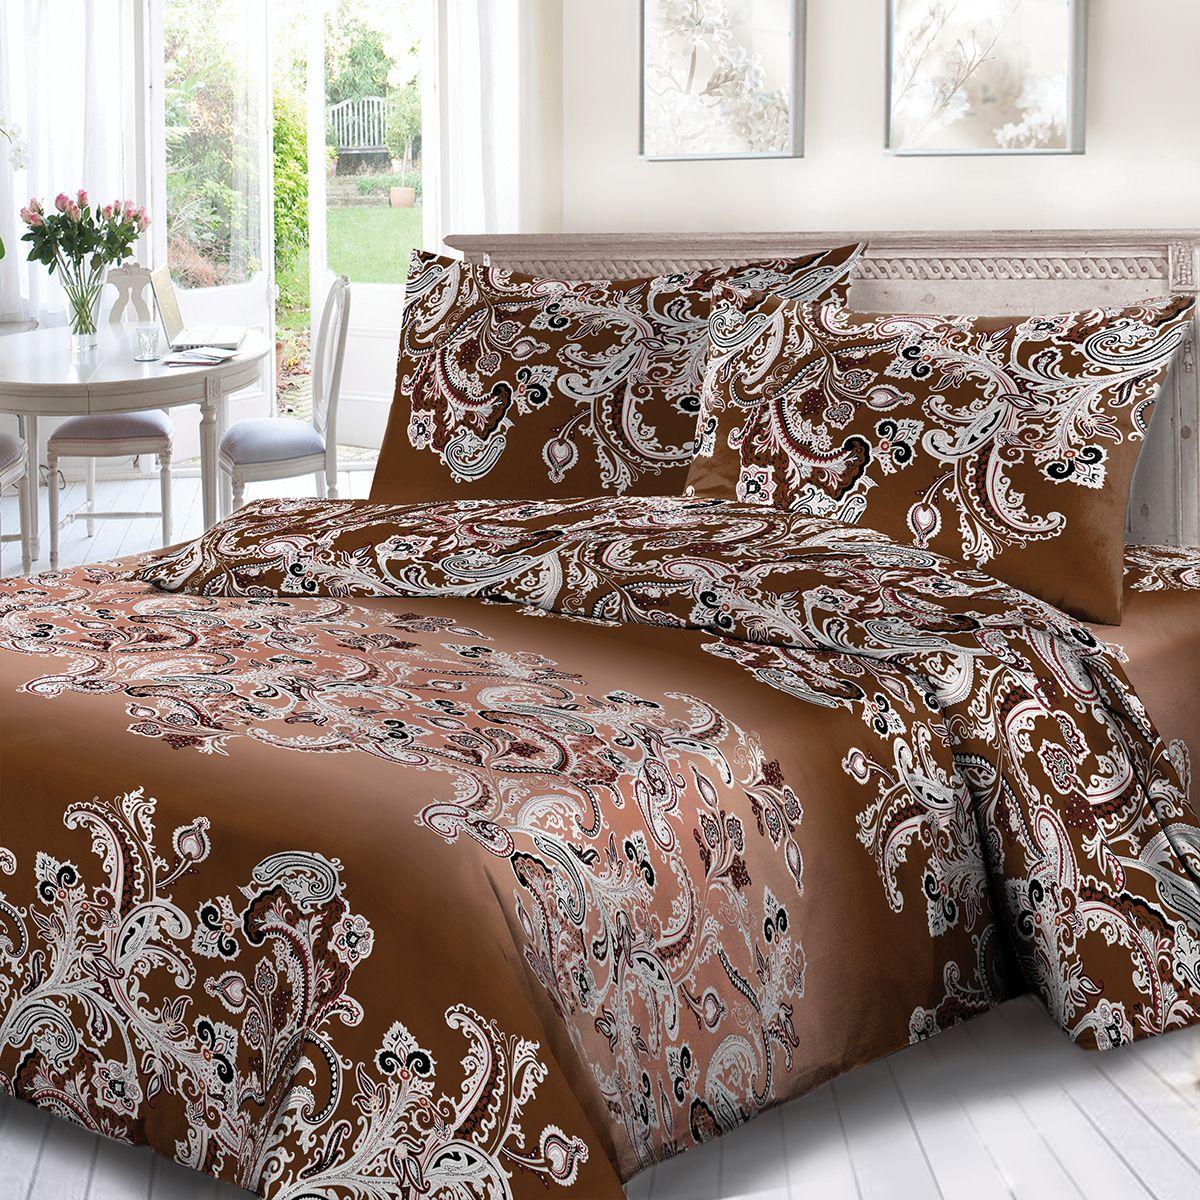 Комплект белья Сорренто Вензели, евро, наволочки 70x70, цвет: коричневый. 3889-190237